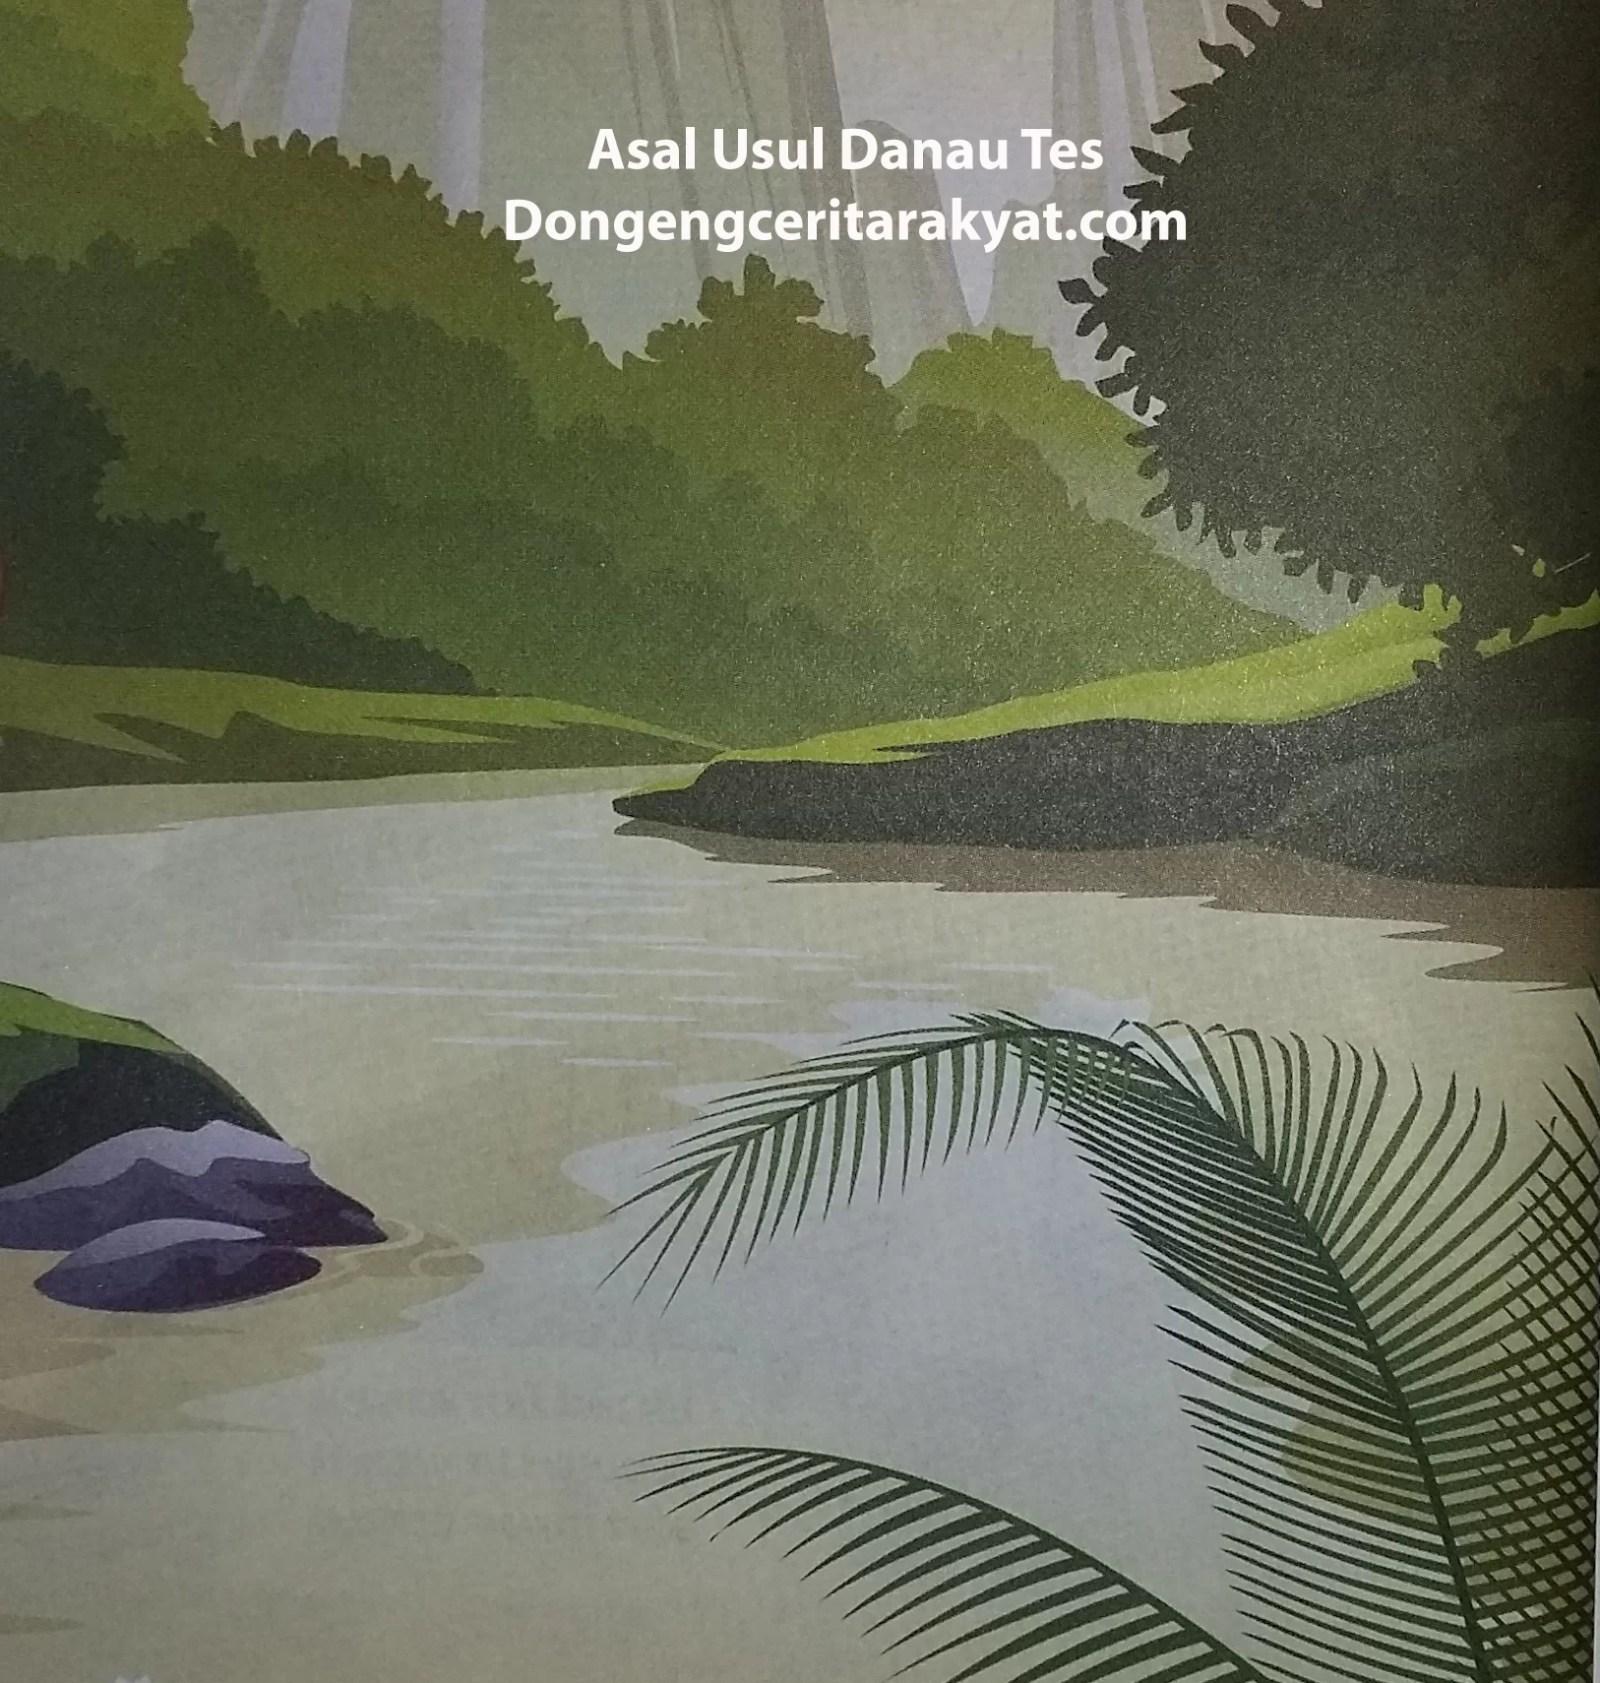 Cerita Rakyat Bengkulu Asal Mula Danau Tes